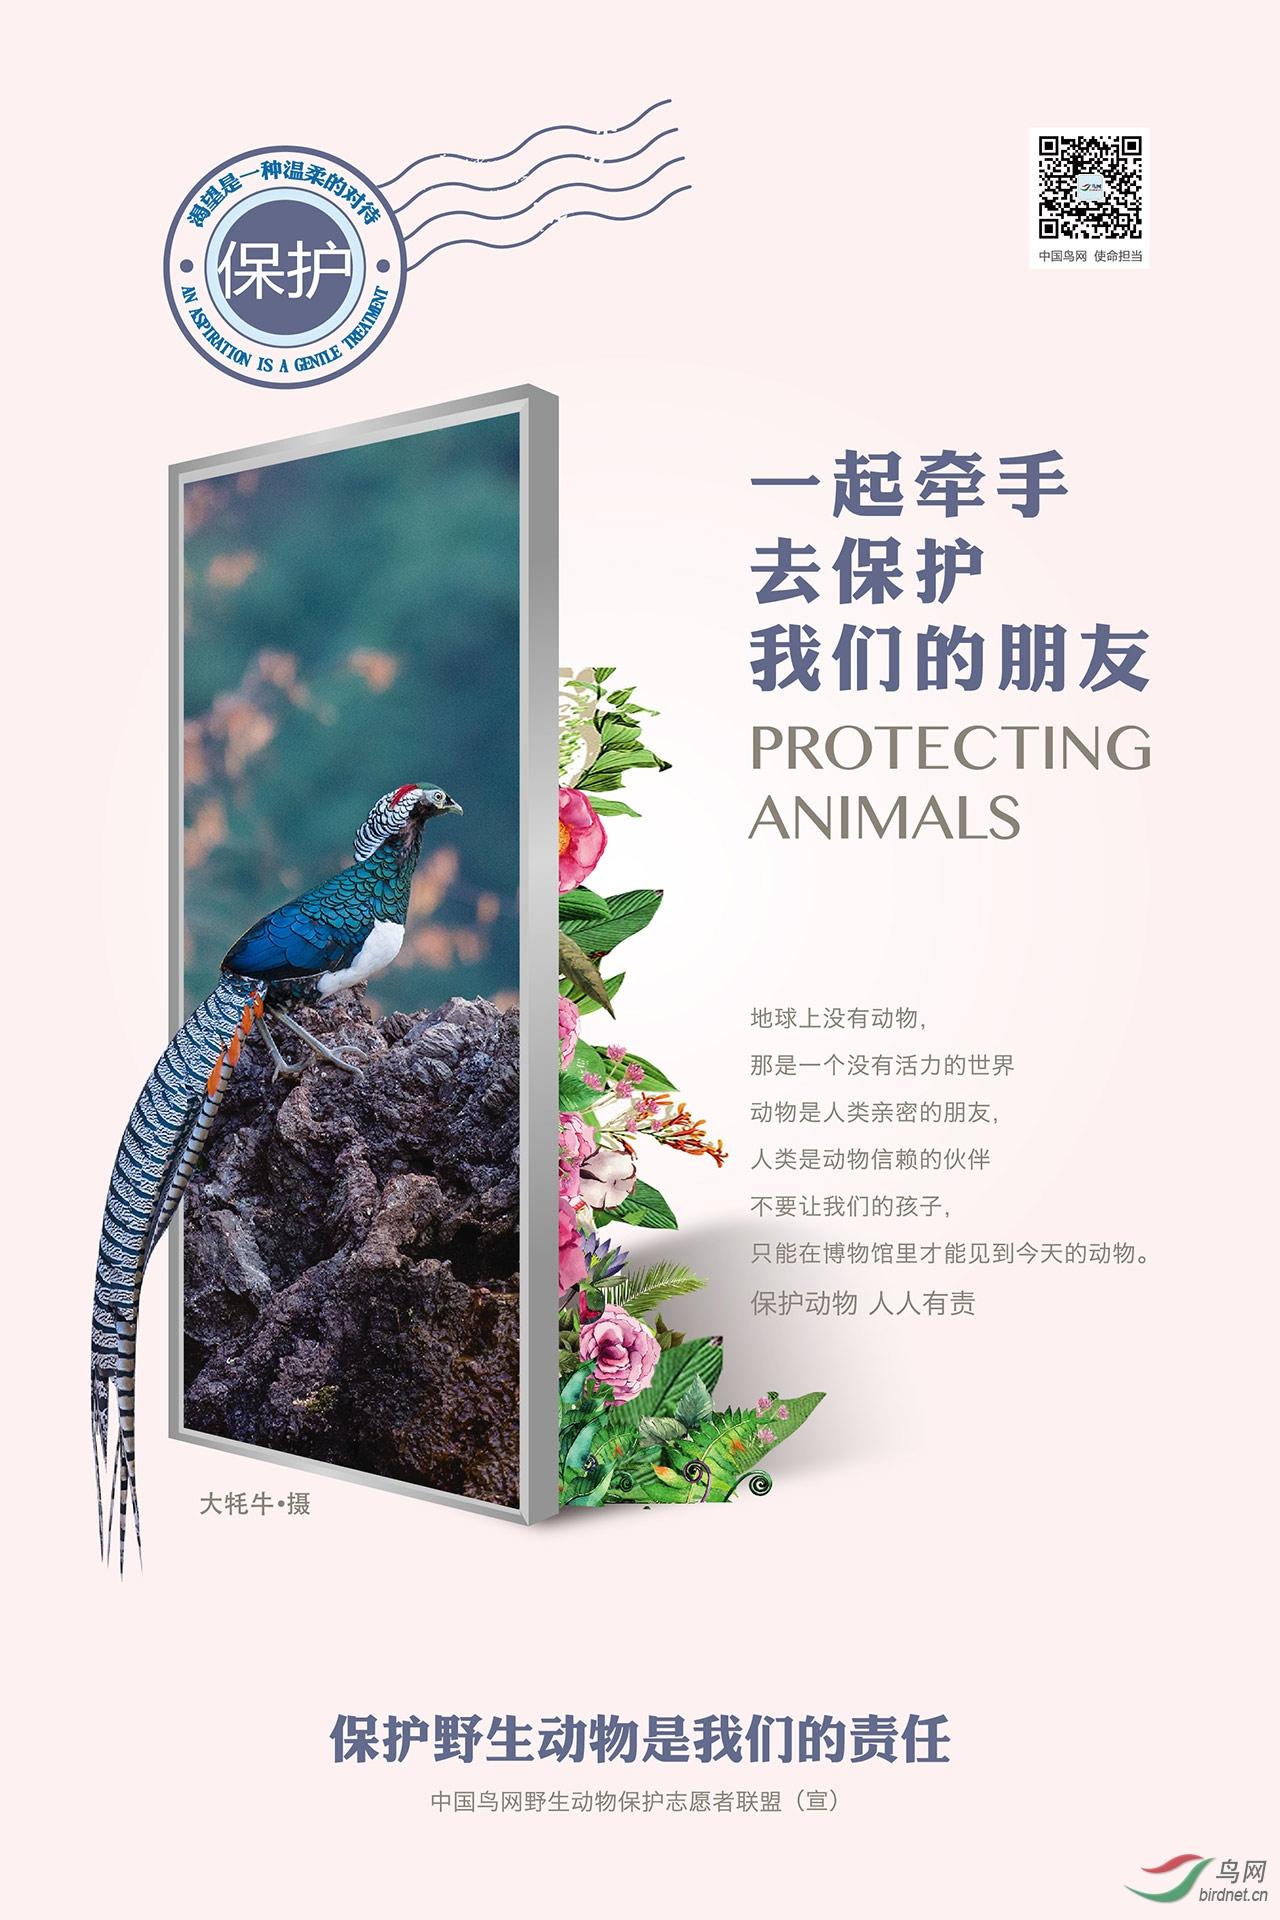 鸟网招贴画_BY-大牦牛(张建林)摄_方案1.jpg